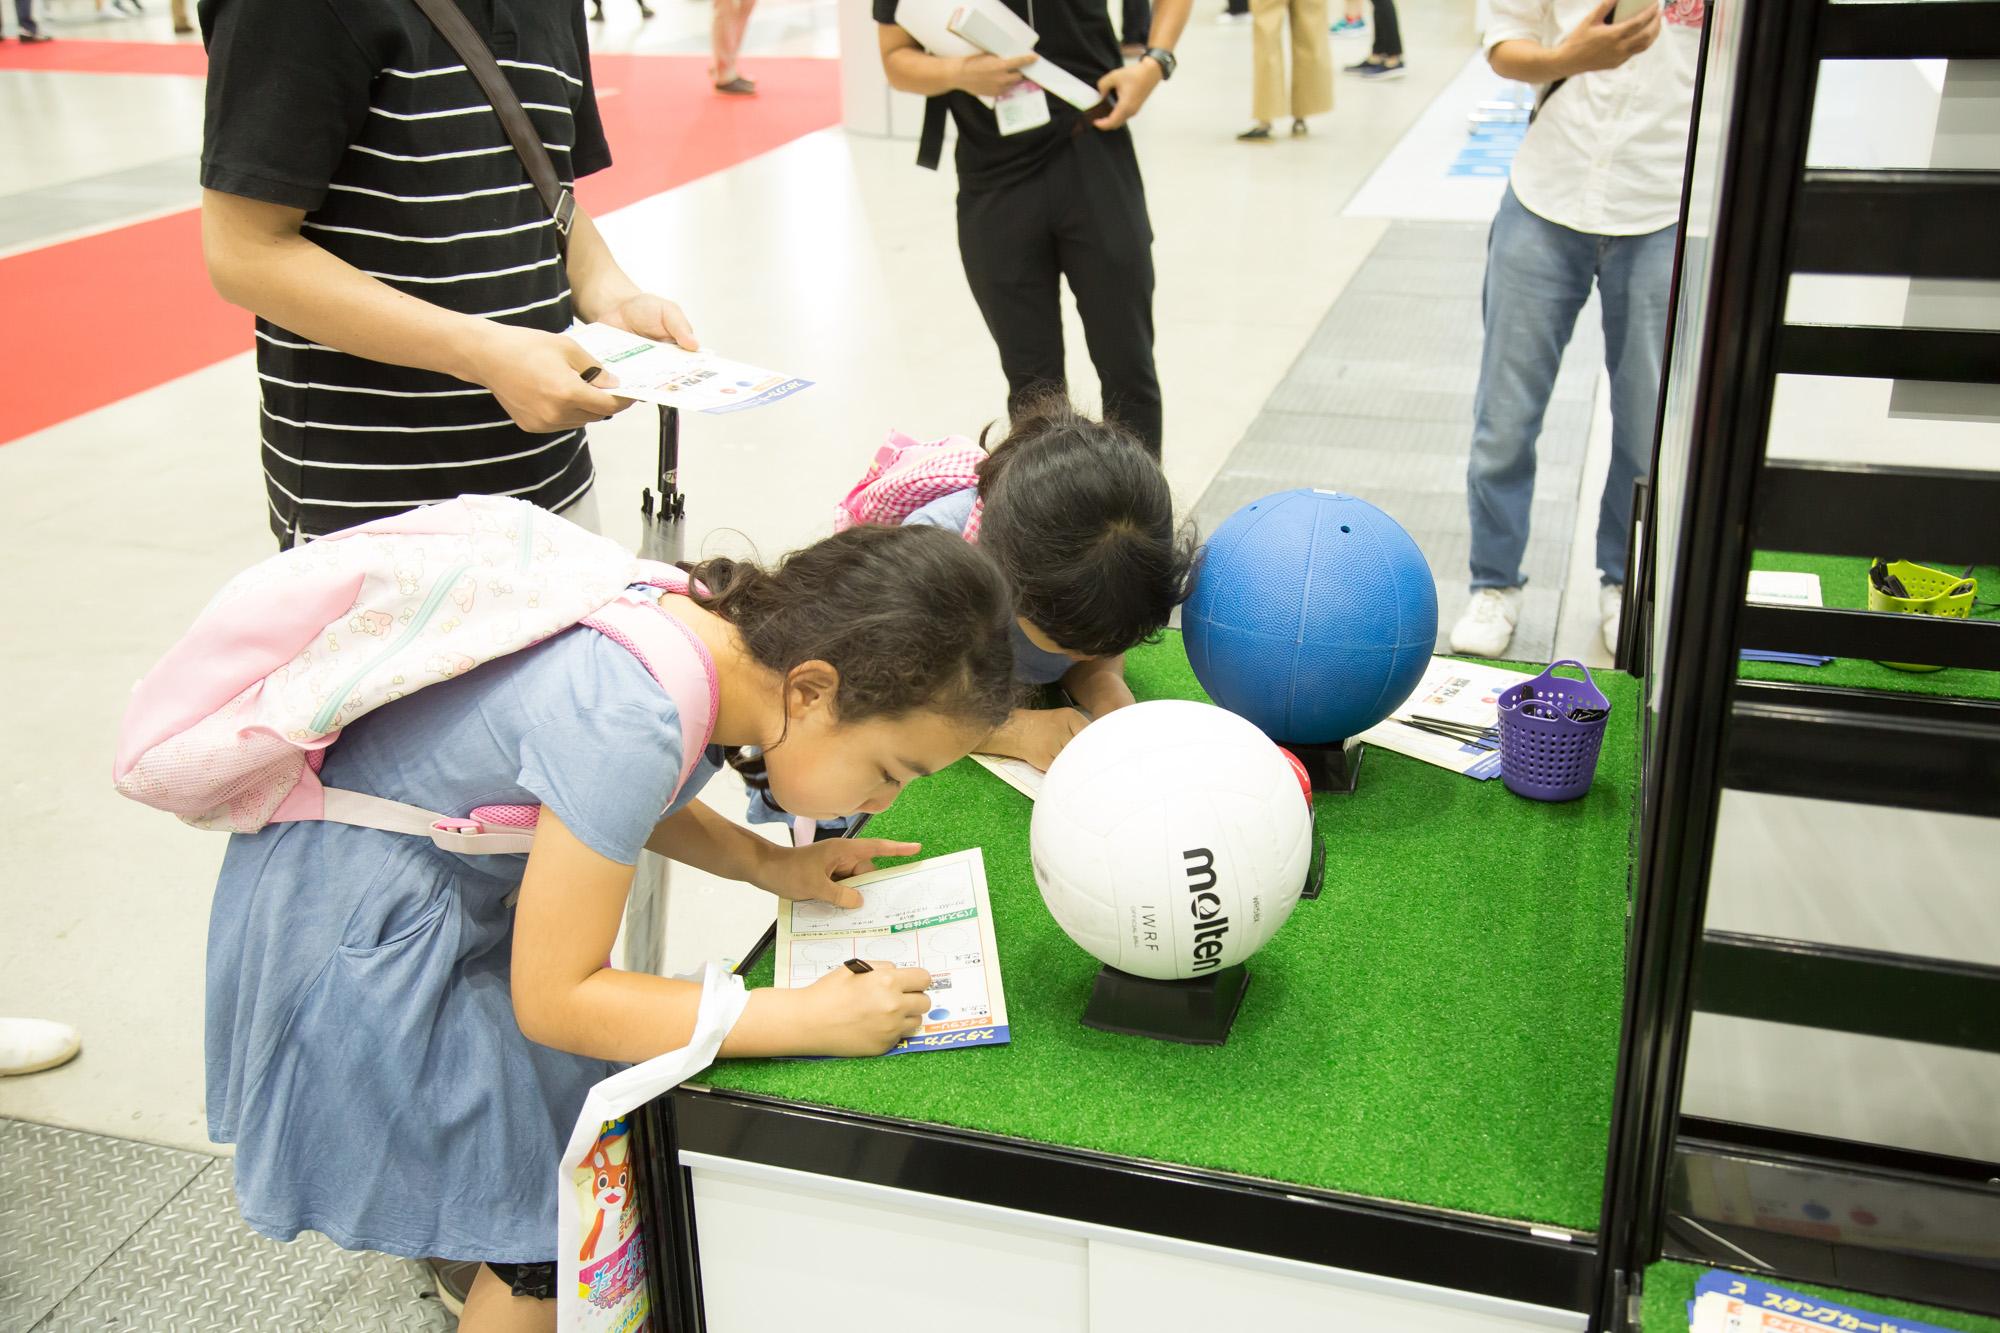 パラスポーツの道具を実際に触れて答えるクイズラリーに参加する子どもたち